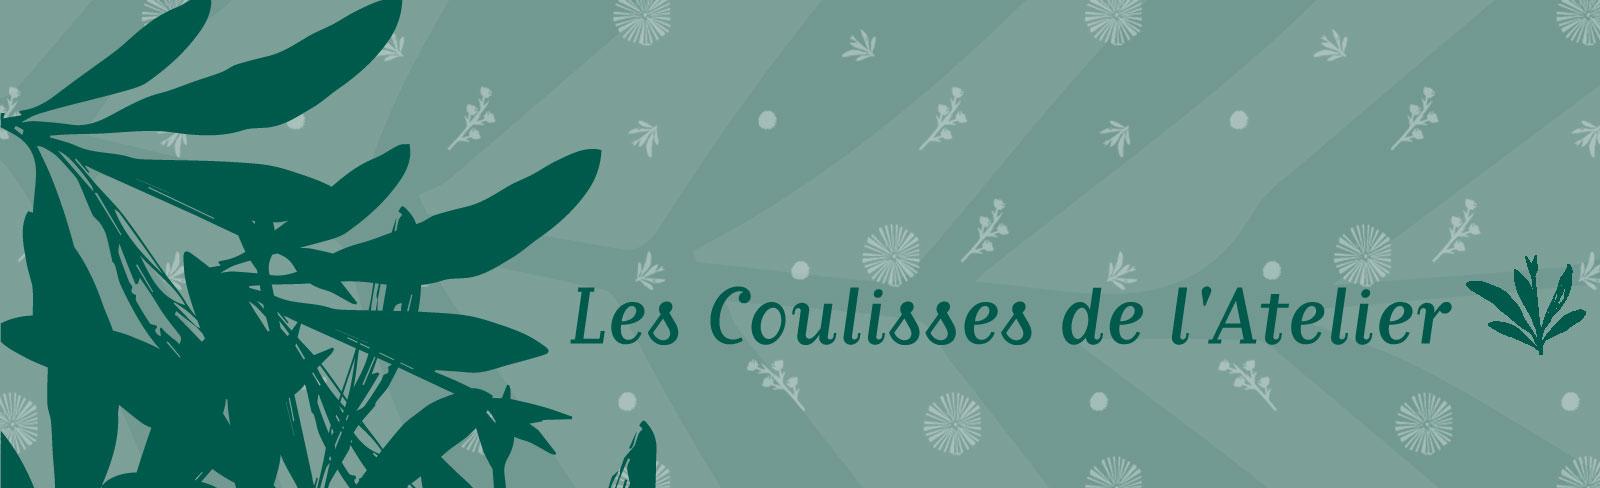 Les coulisses de l'atelier floral d'Elisabeth Delsol.